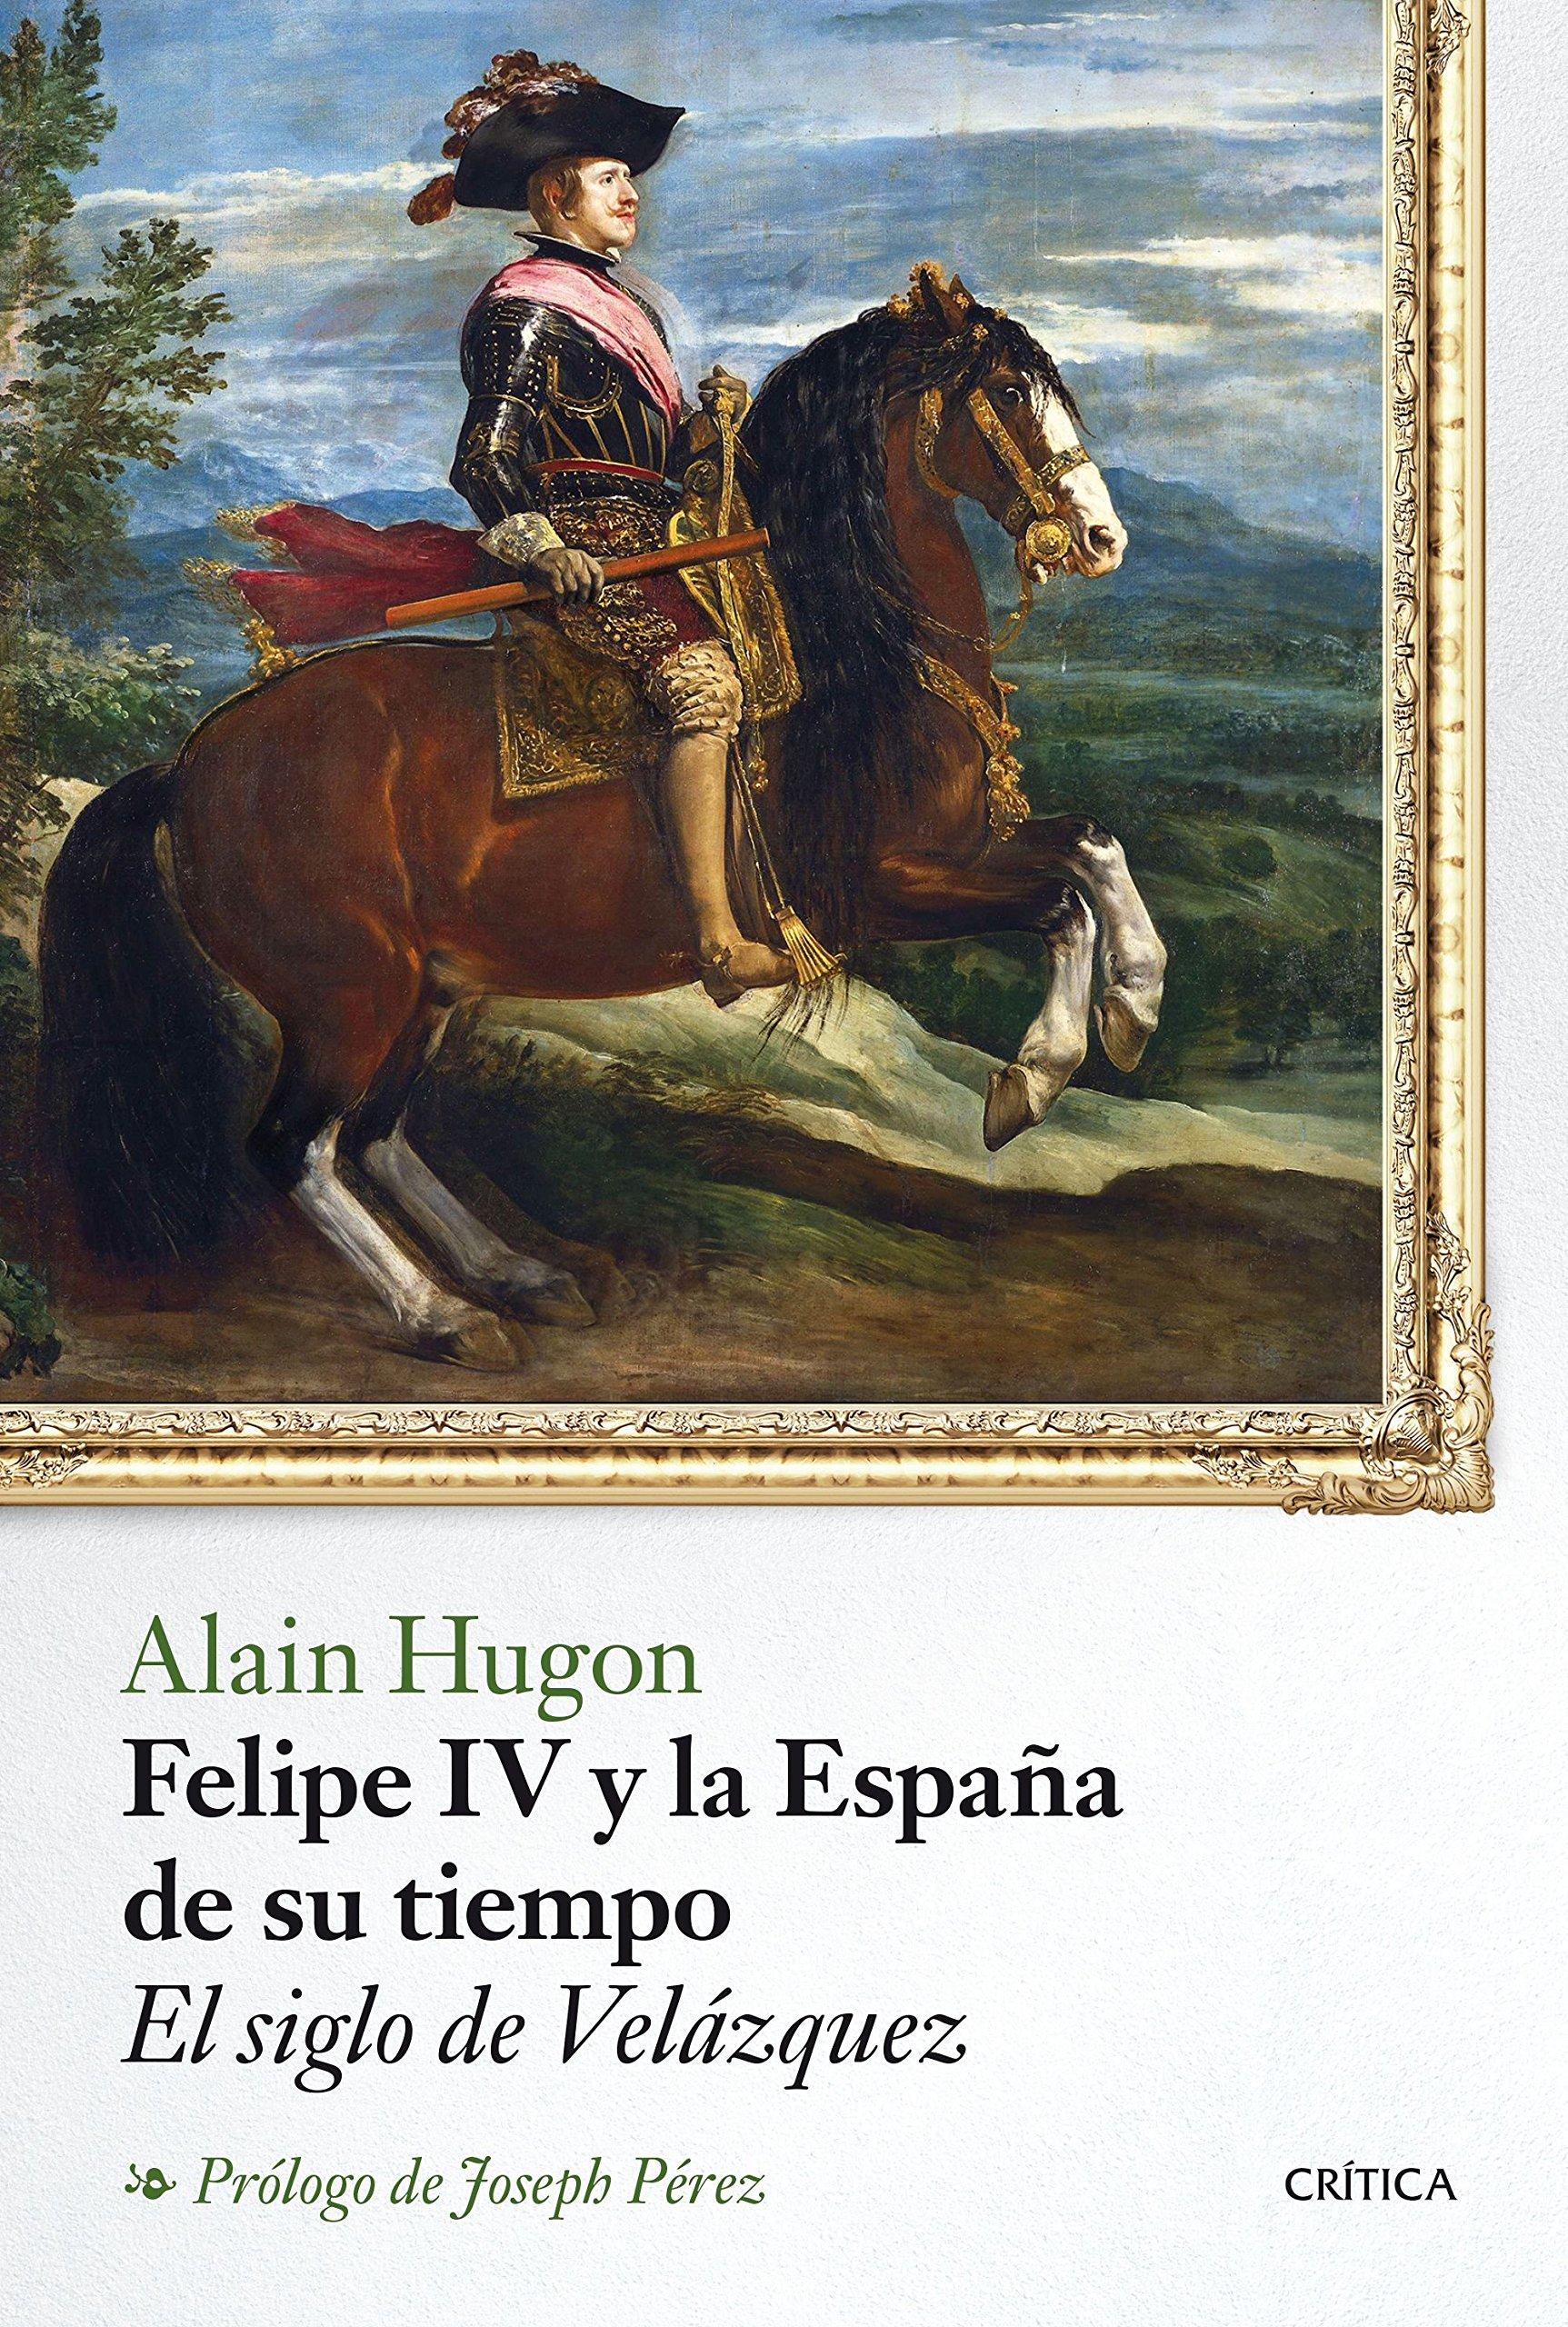 Felipe IV y la España de su tiempo: El siglo de Velázquez Serie Mayor: Amazon.es: Hugon, Alain, Castells Auleda, Carme: Libros